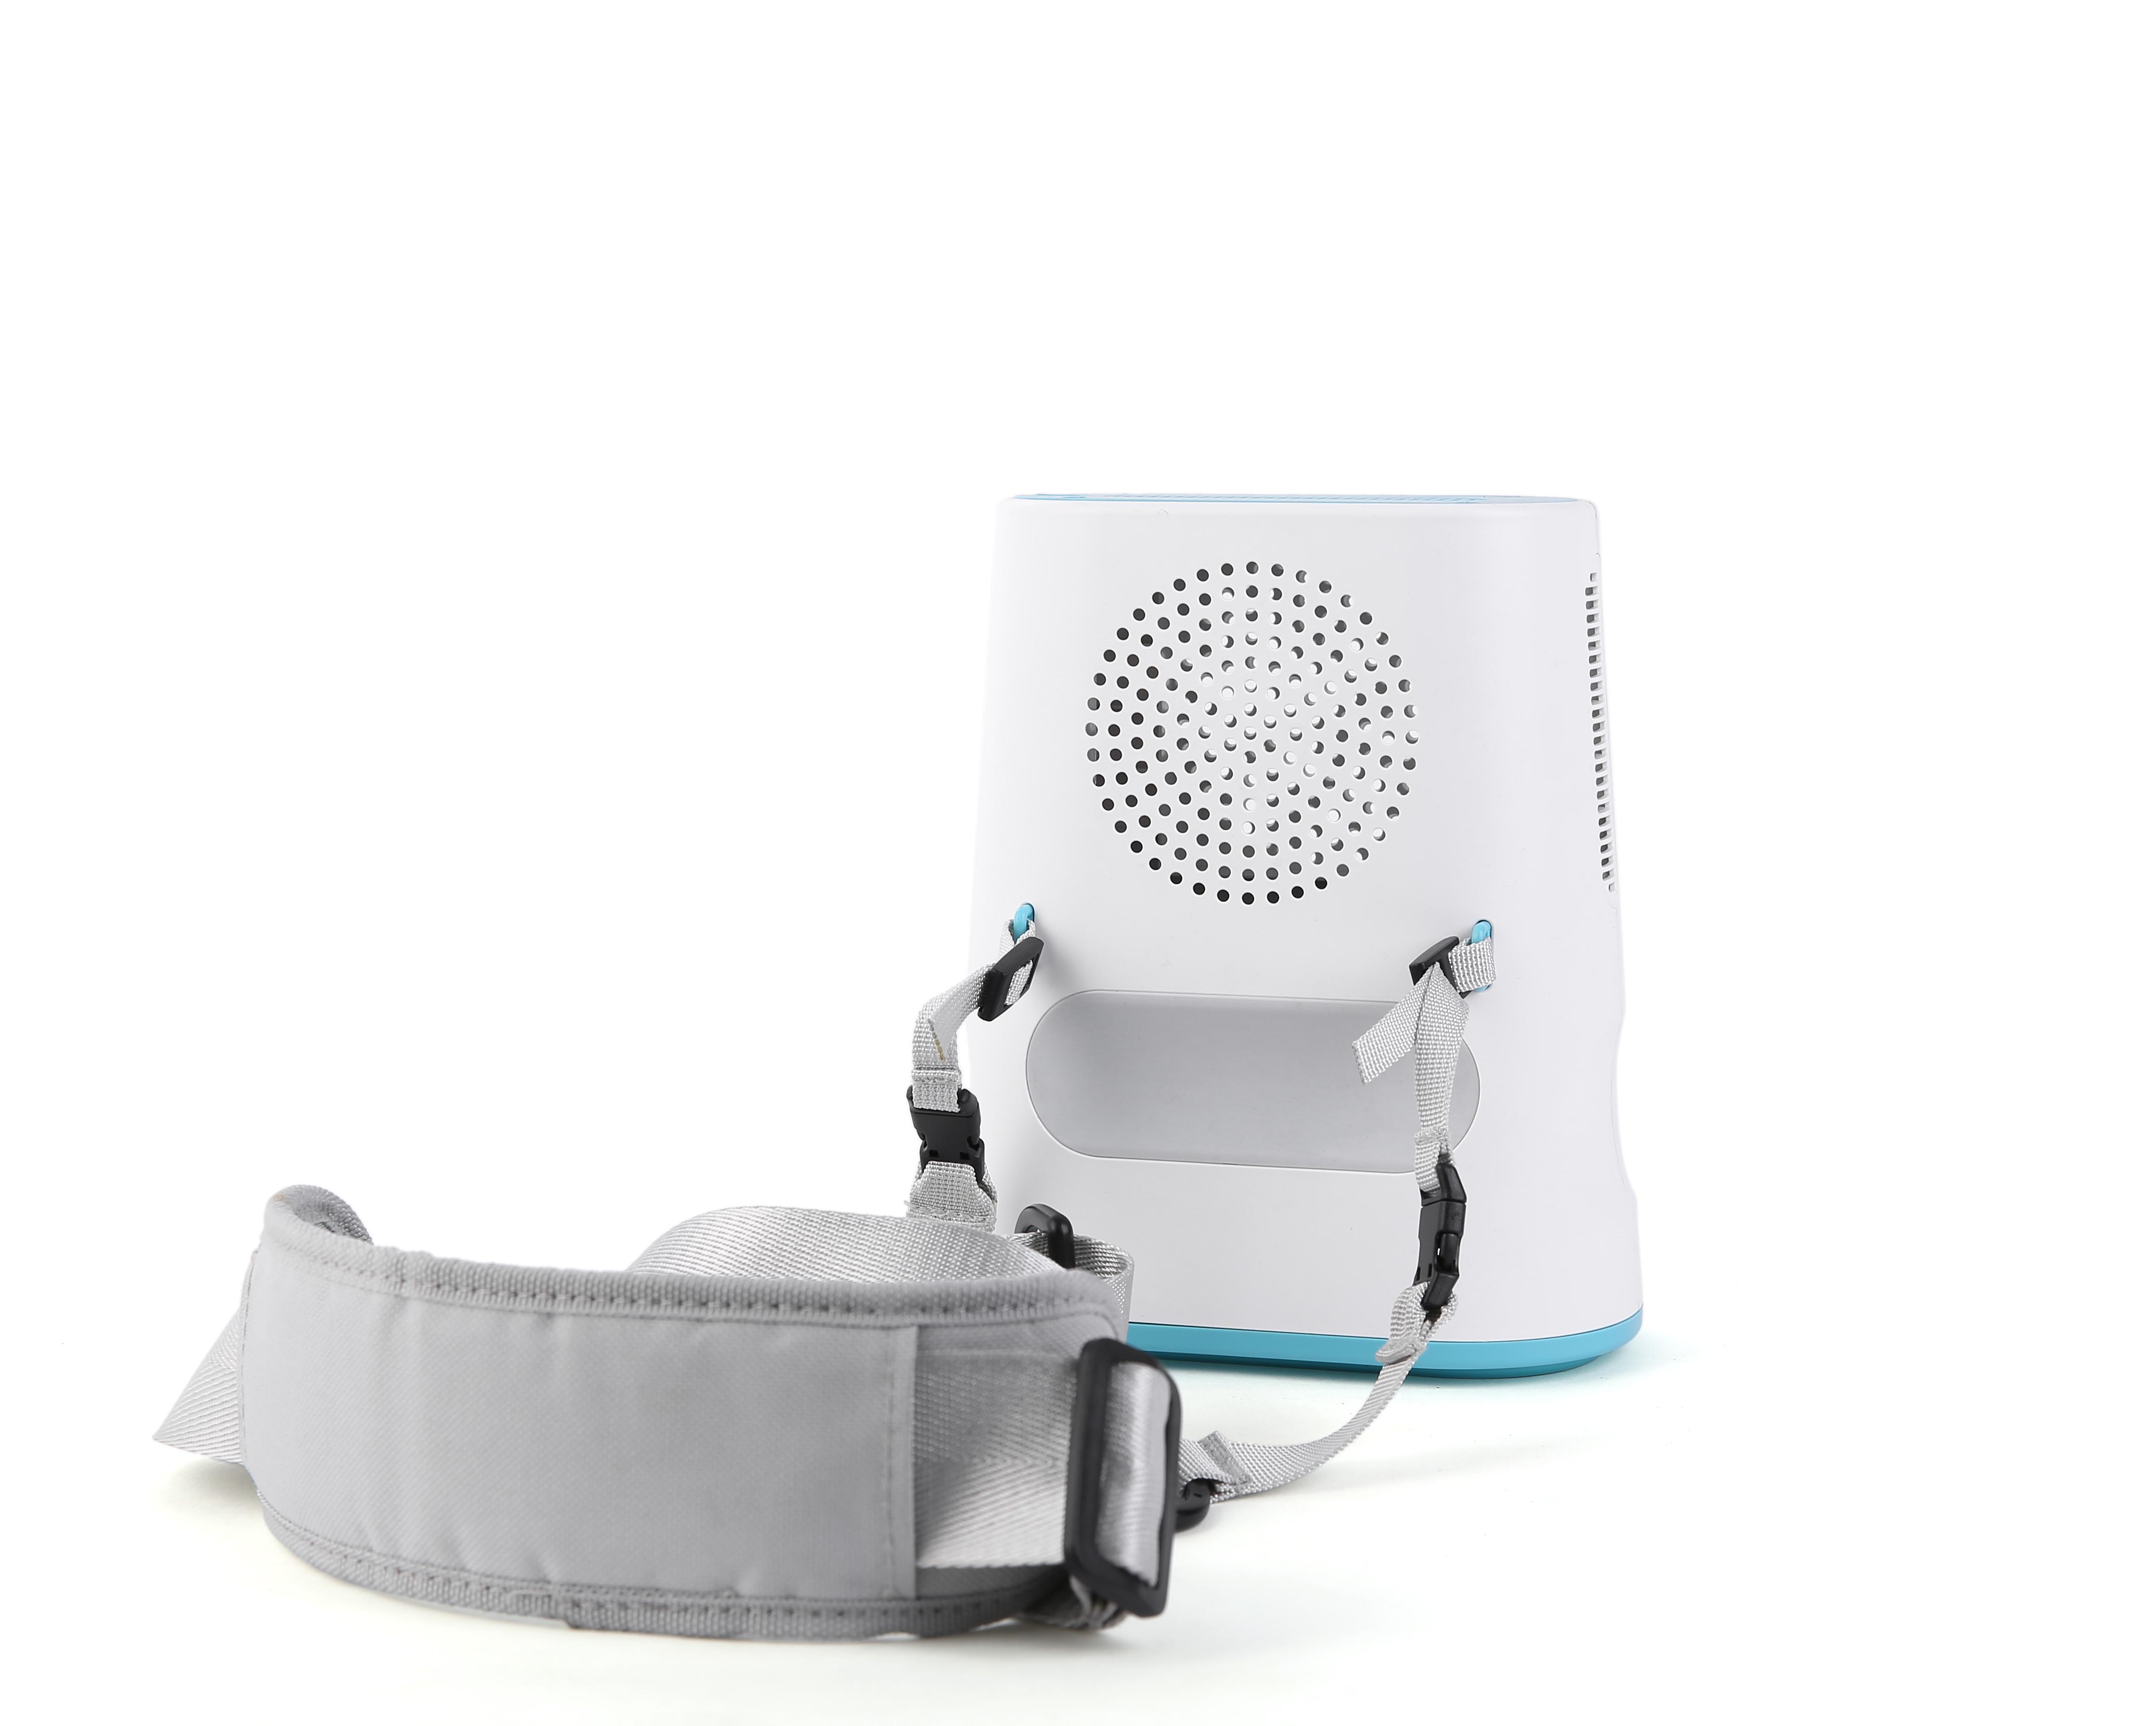 2020 портативный MINI Cryolipolysis жира замораживания для похудения машина Вакуумная потери веса криотерапия крио жира замораживания машины домашнего использования